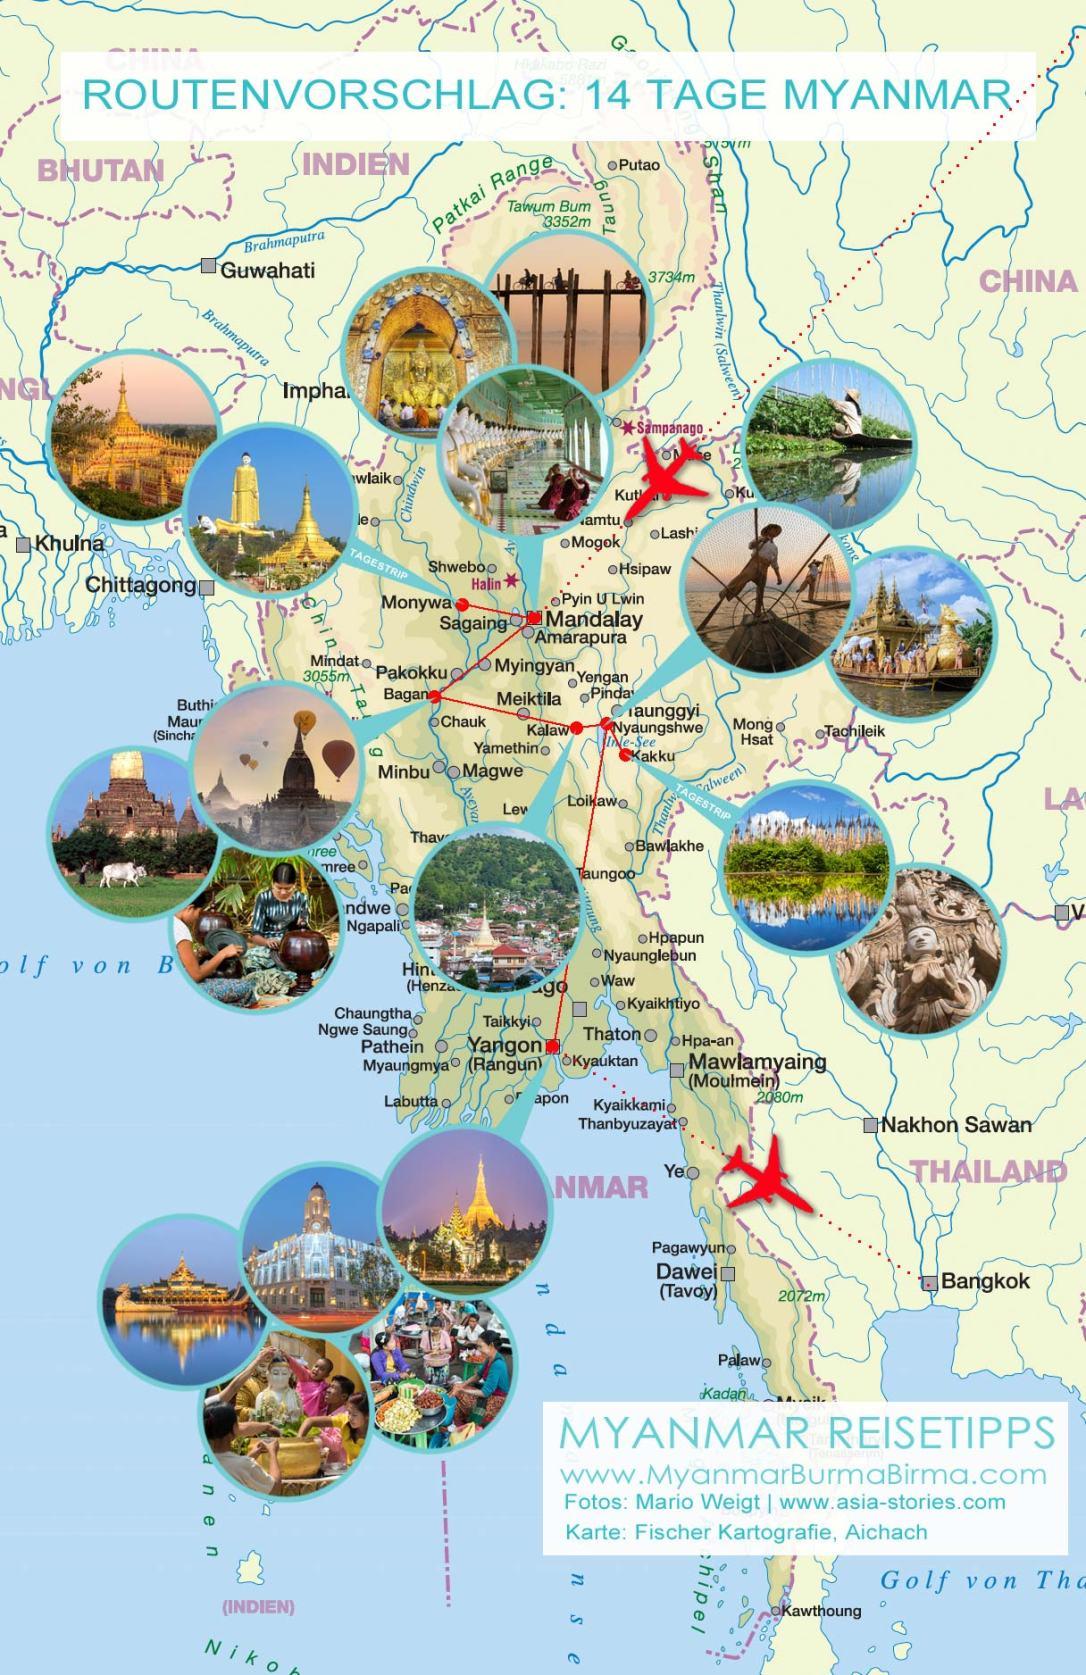 Karte mit Fotos für den Routenvorschlag: 14 Tage Myanmar von Mandalay nach Yangon